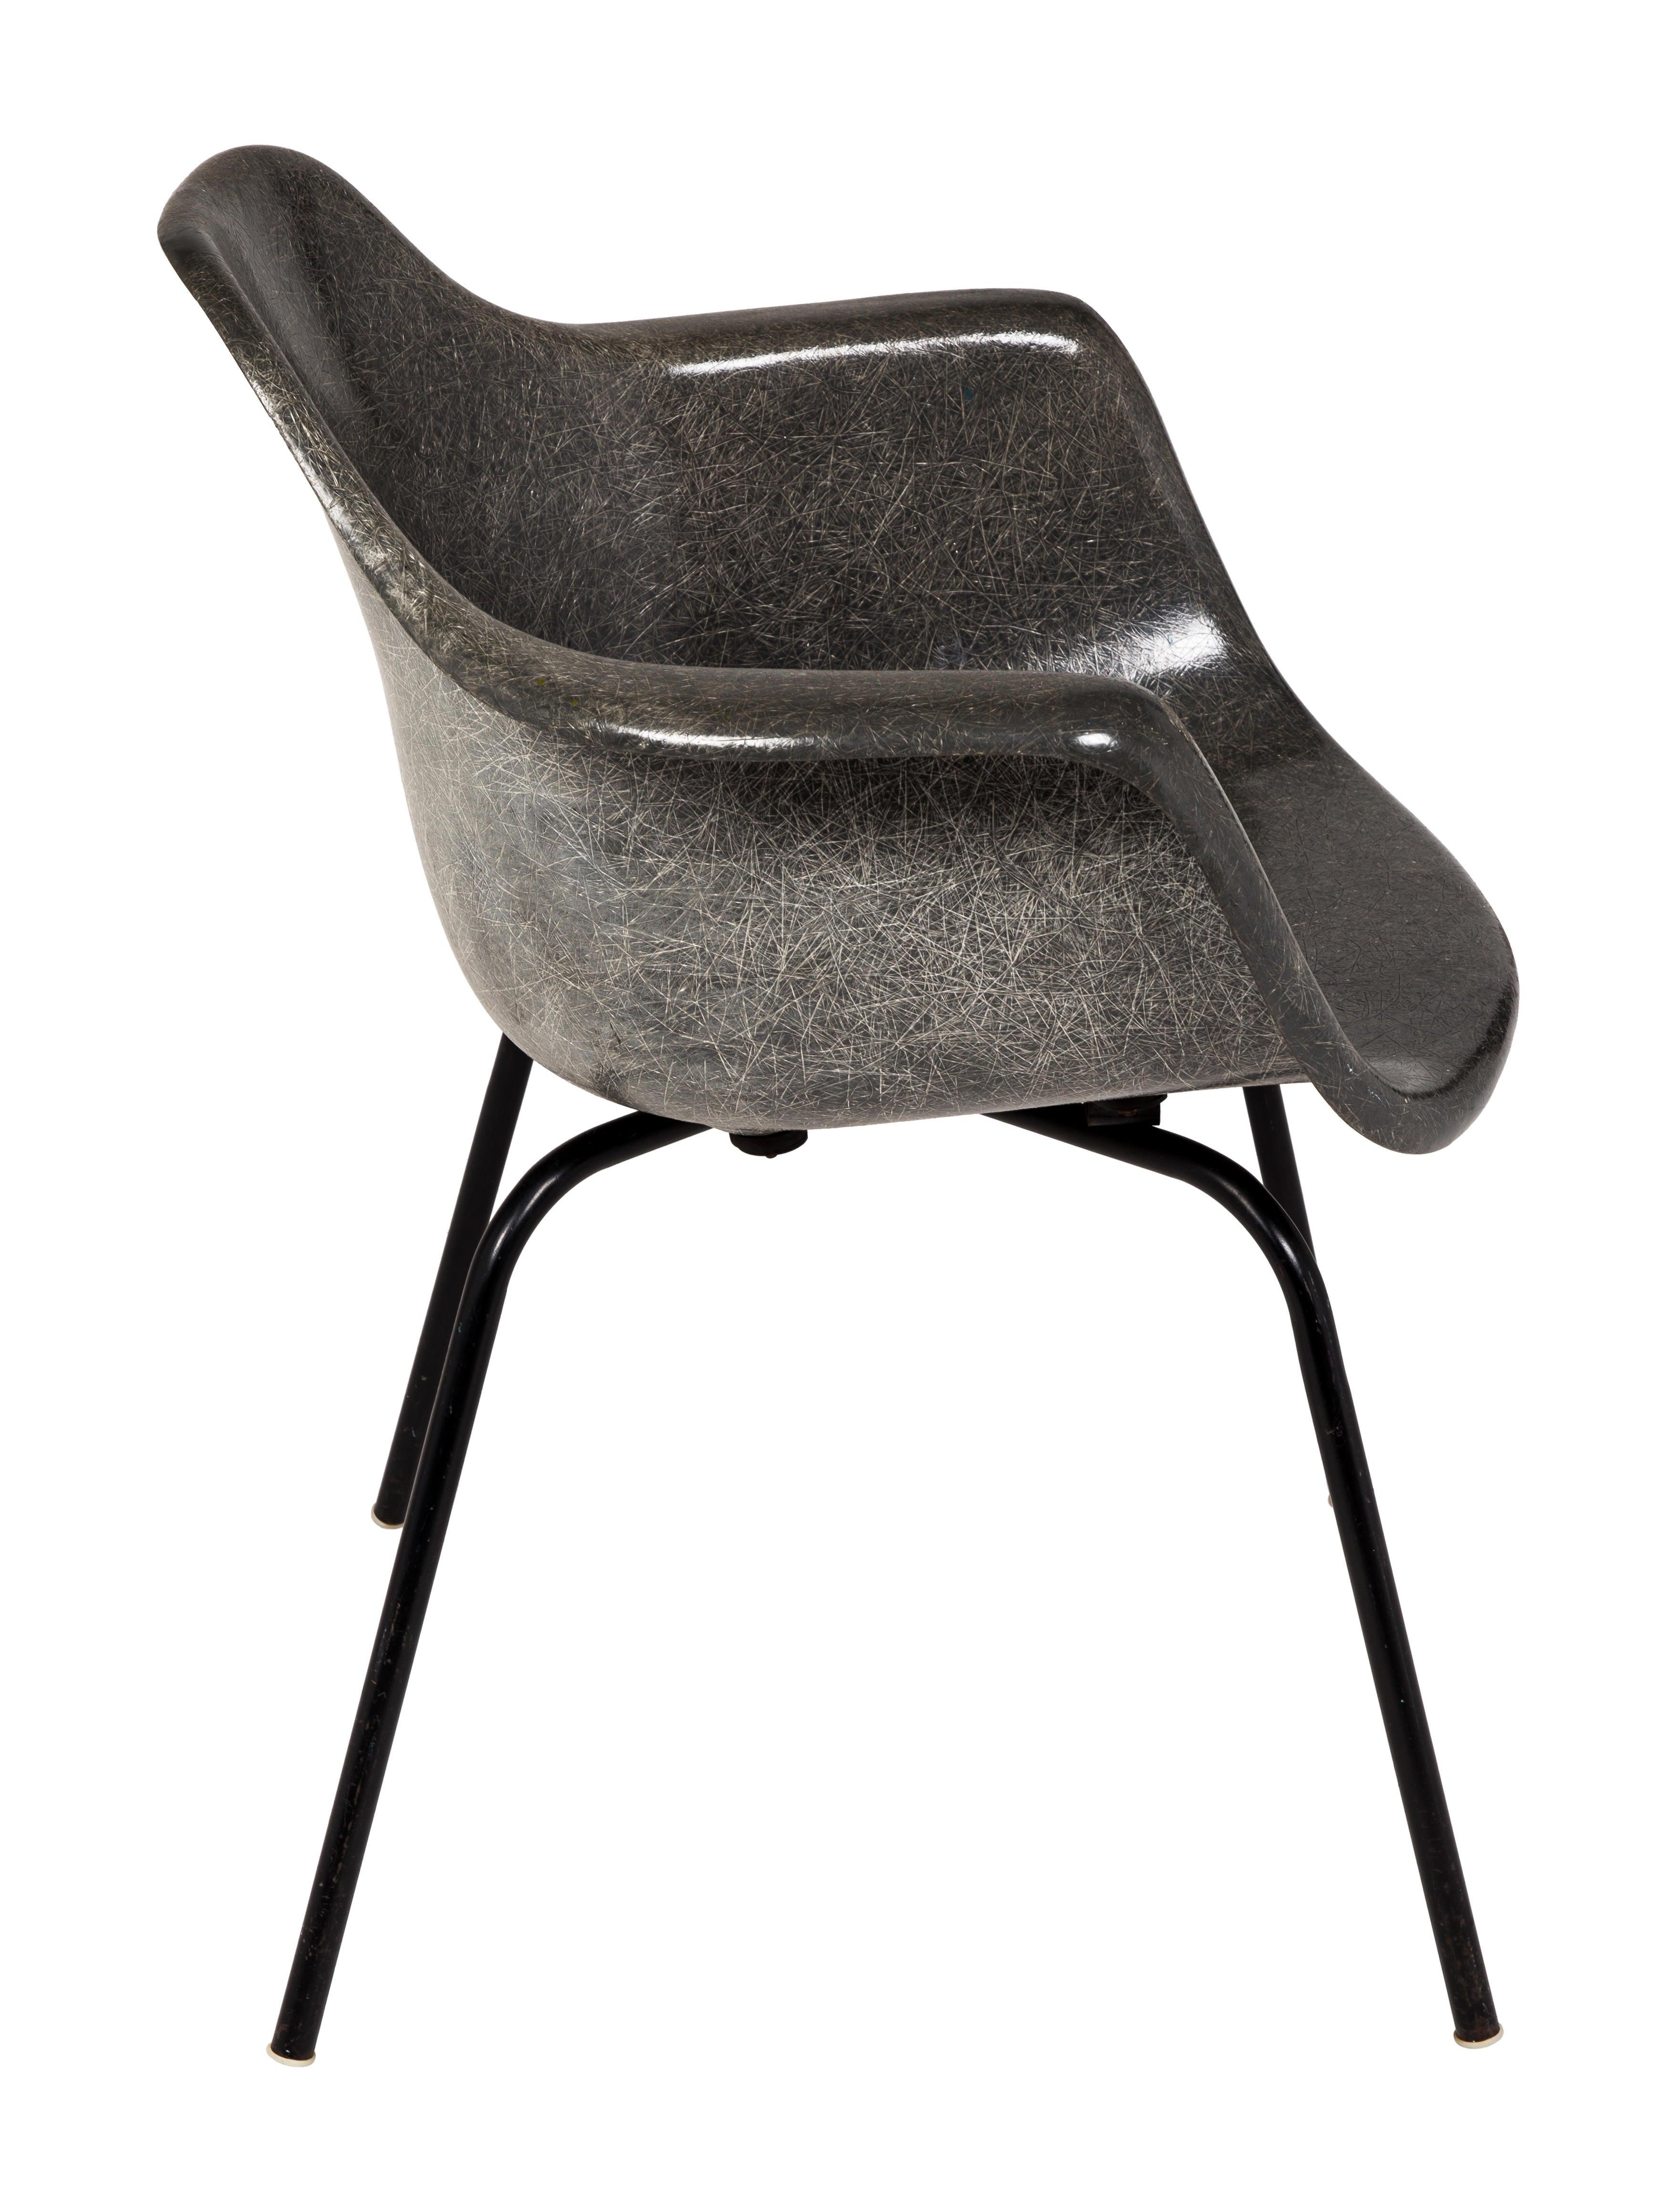 Krueger Metal Co. Fiberglass Armchair